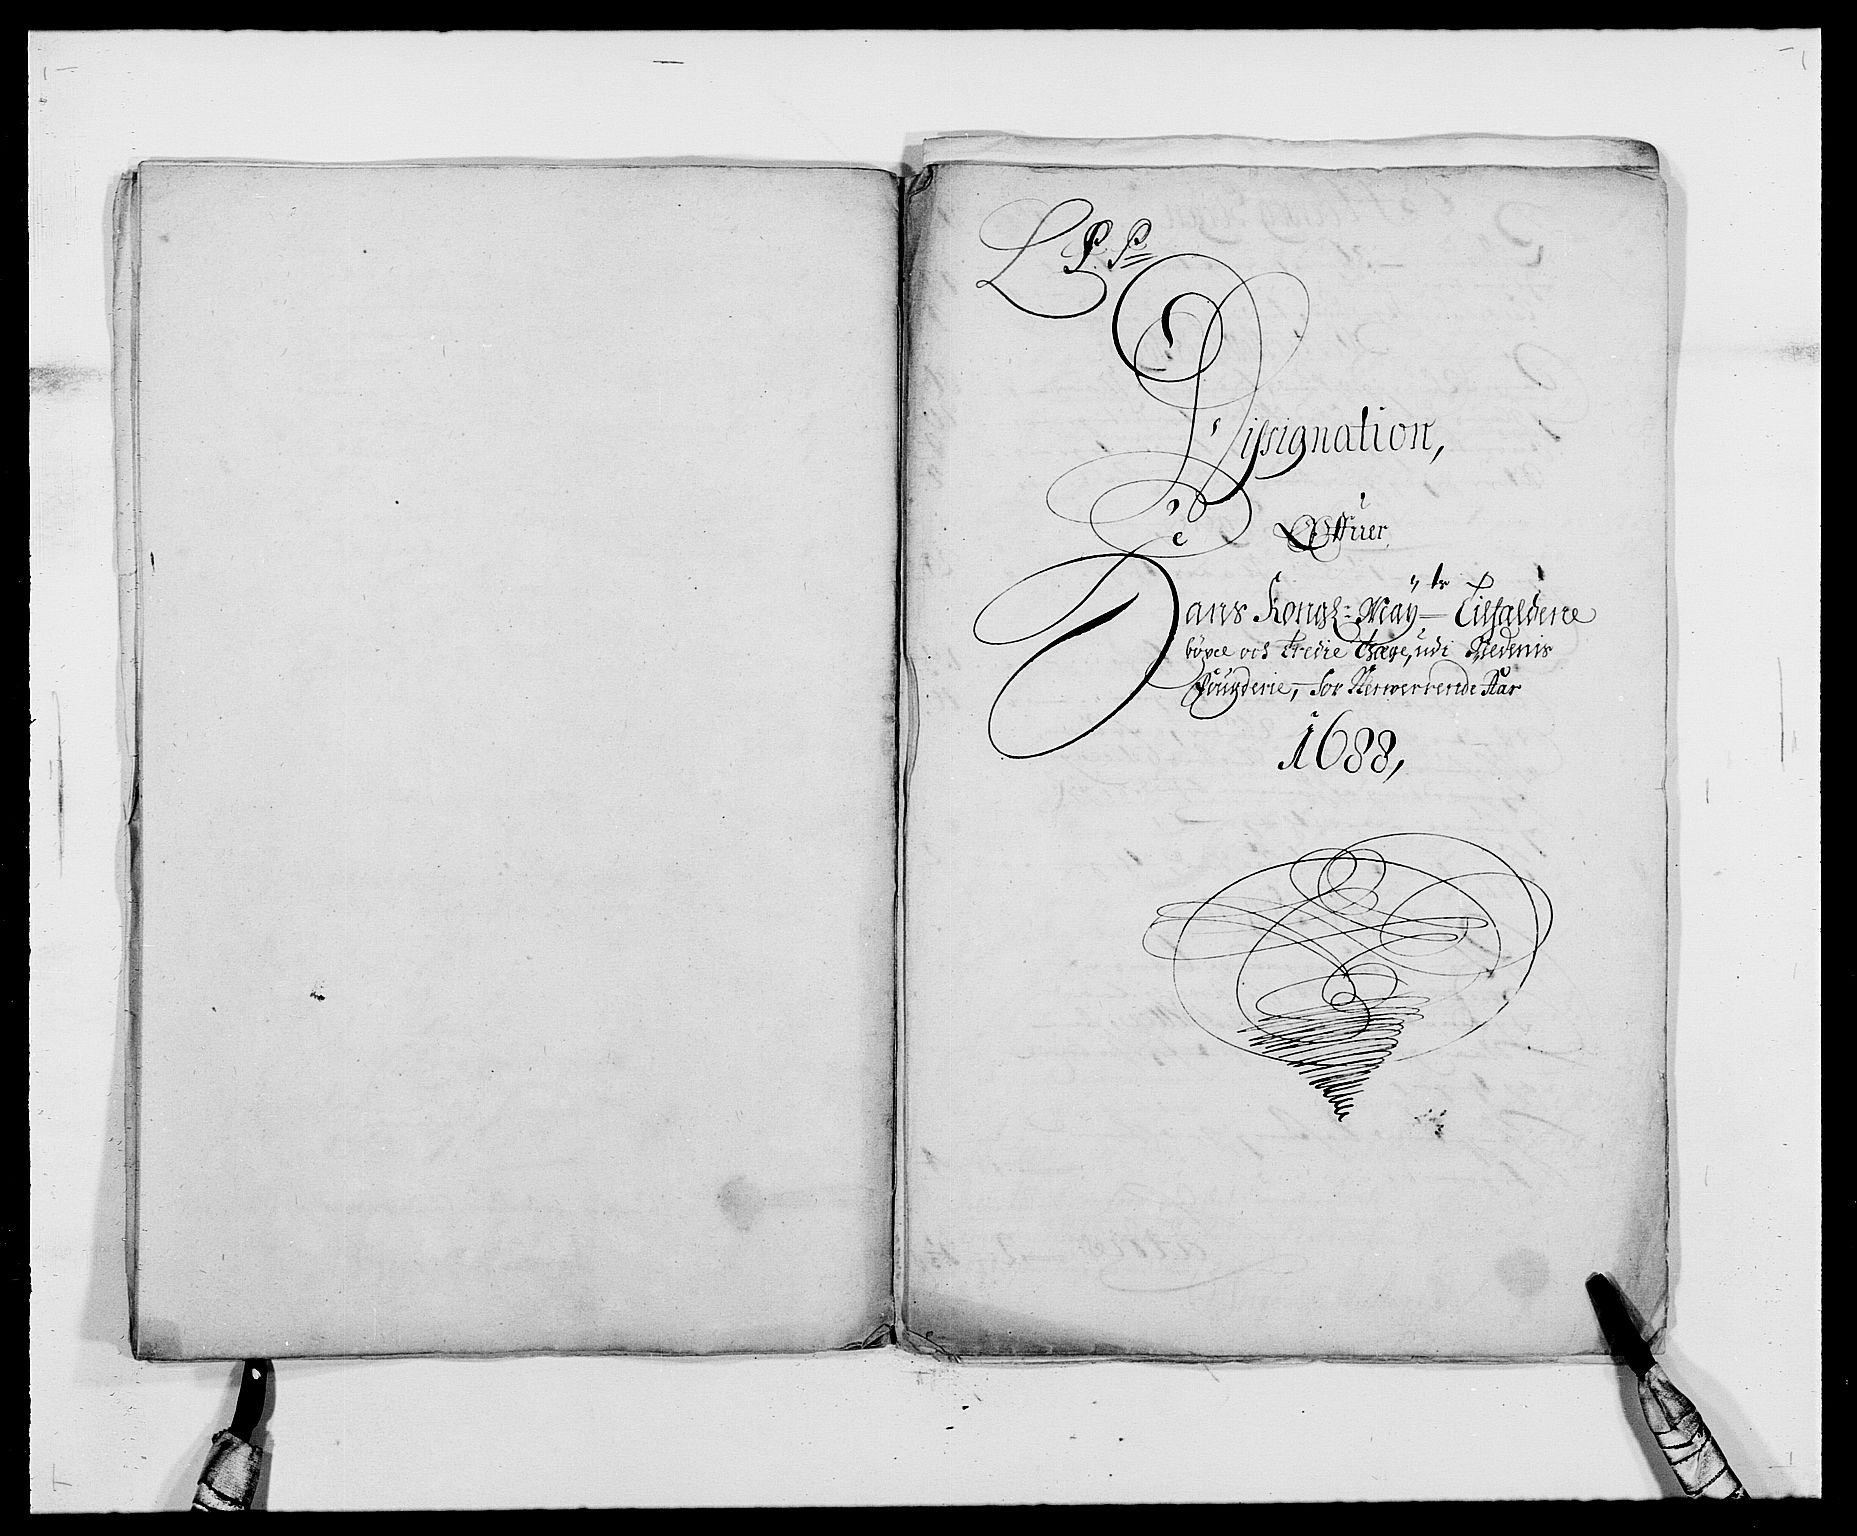 RA, Rentekammeret inntil 1814, Reviderte regnskaper, Fogderegnskap, R39/L2309: Fogderegnskap Nedenes, 1684-1689, s. 147